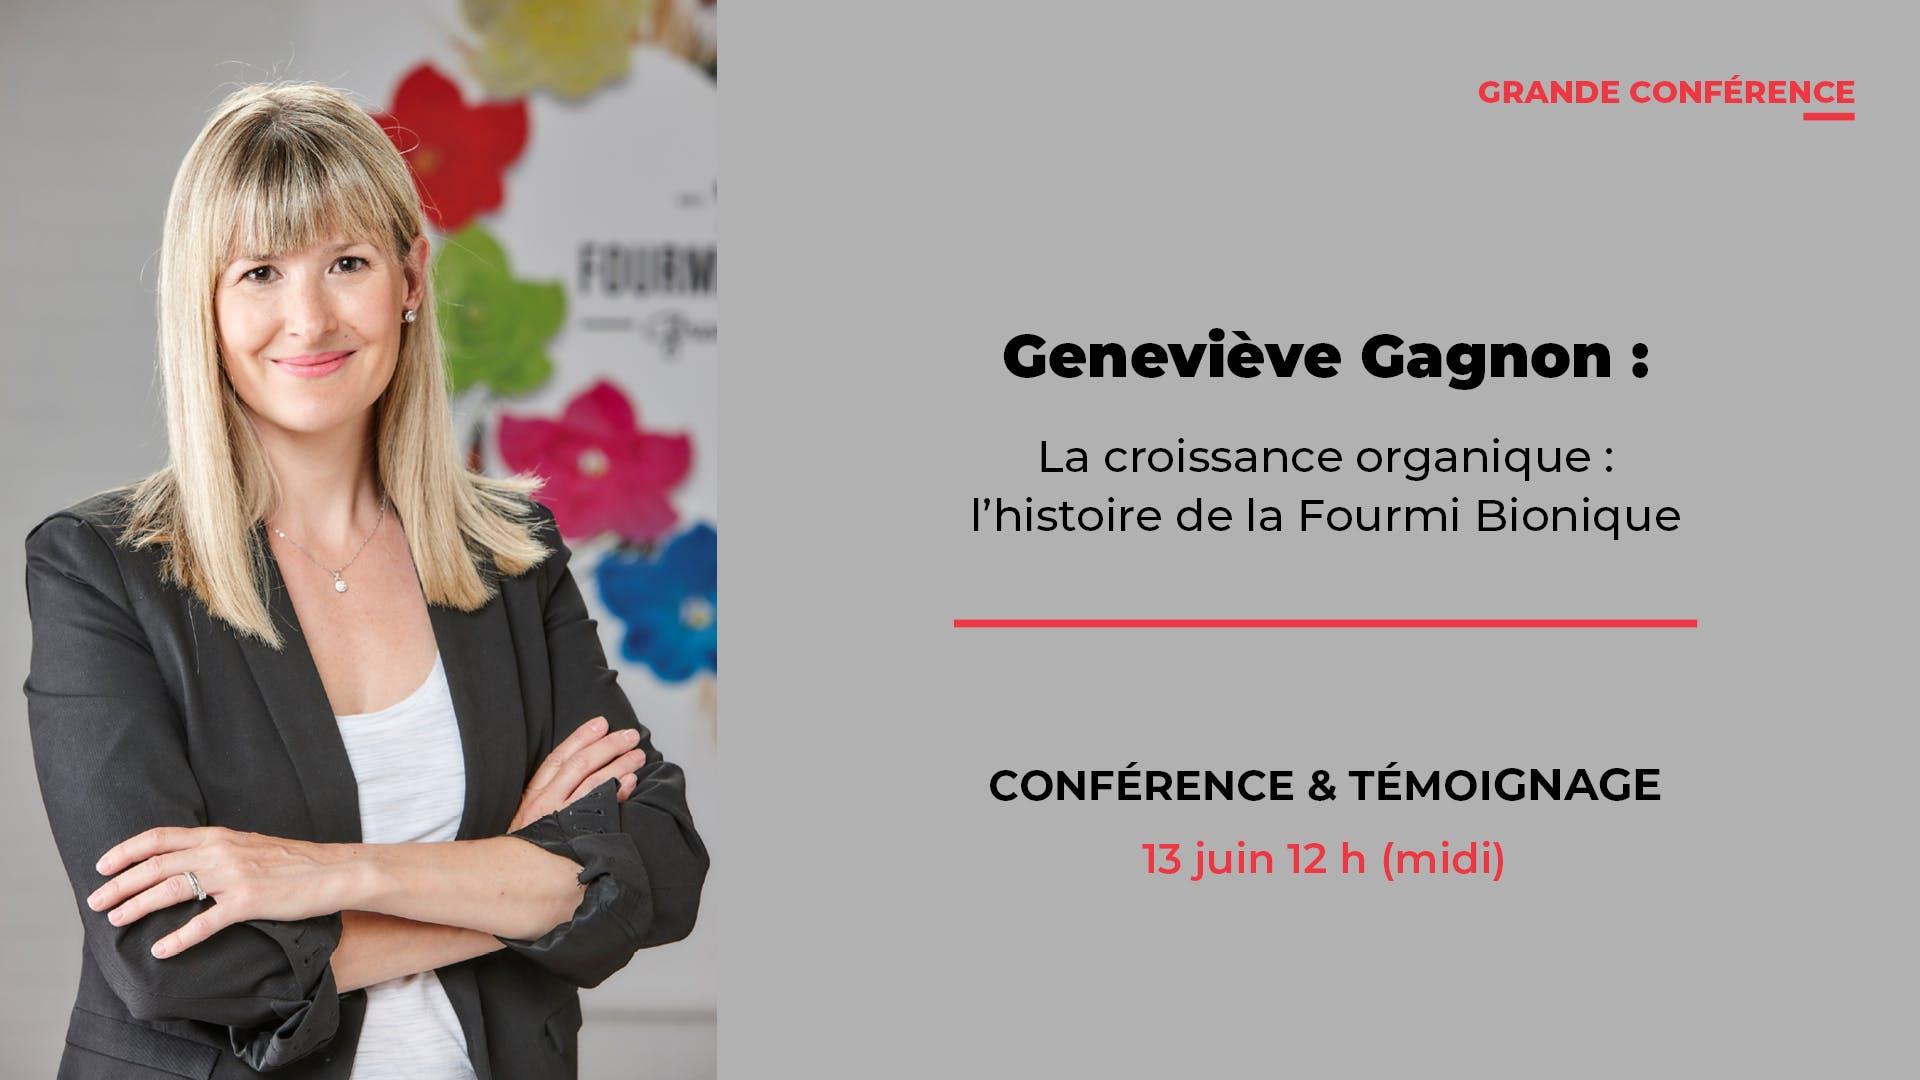 Grande conférence avec Geneviève Gagnon de la Fourmi Bionique